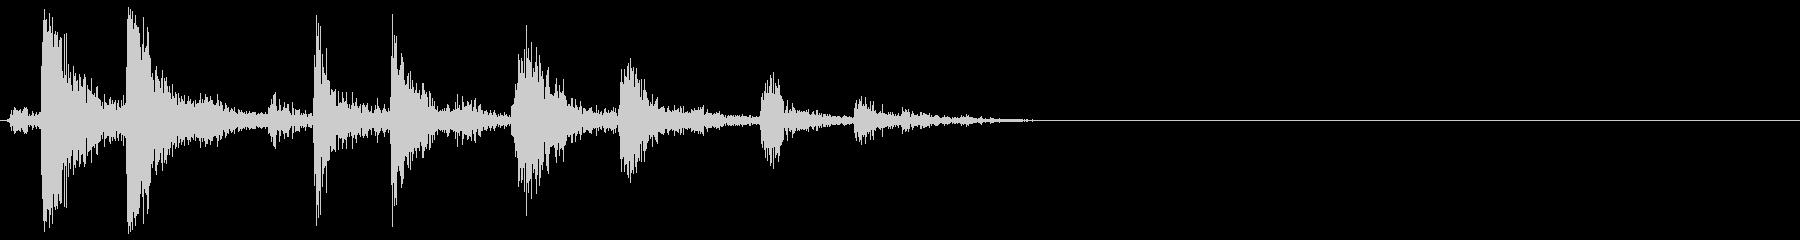 [生音]カシャッ、銃弾を装填する音06の未再生の波形